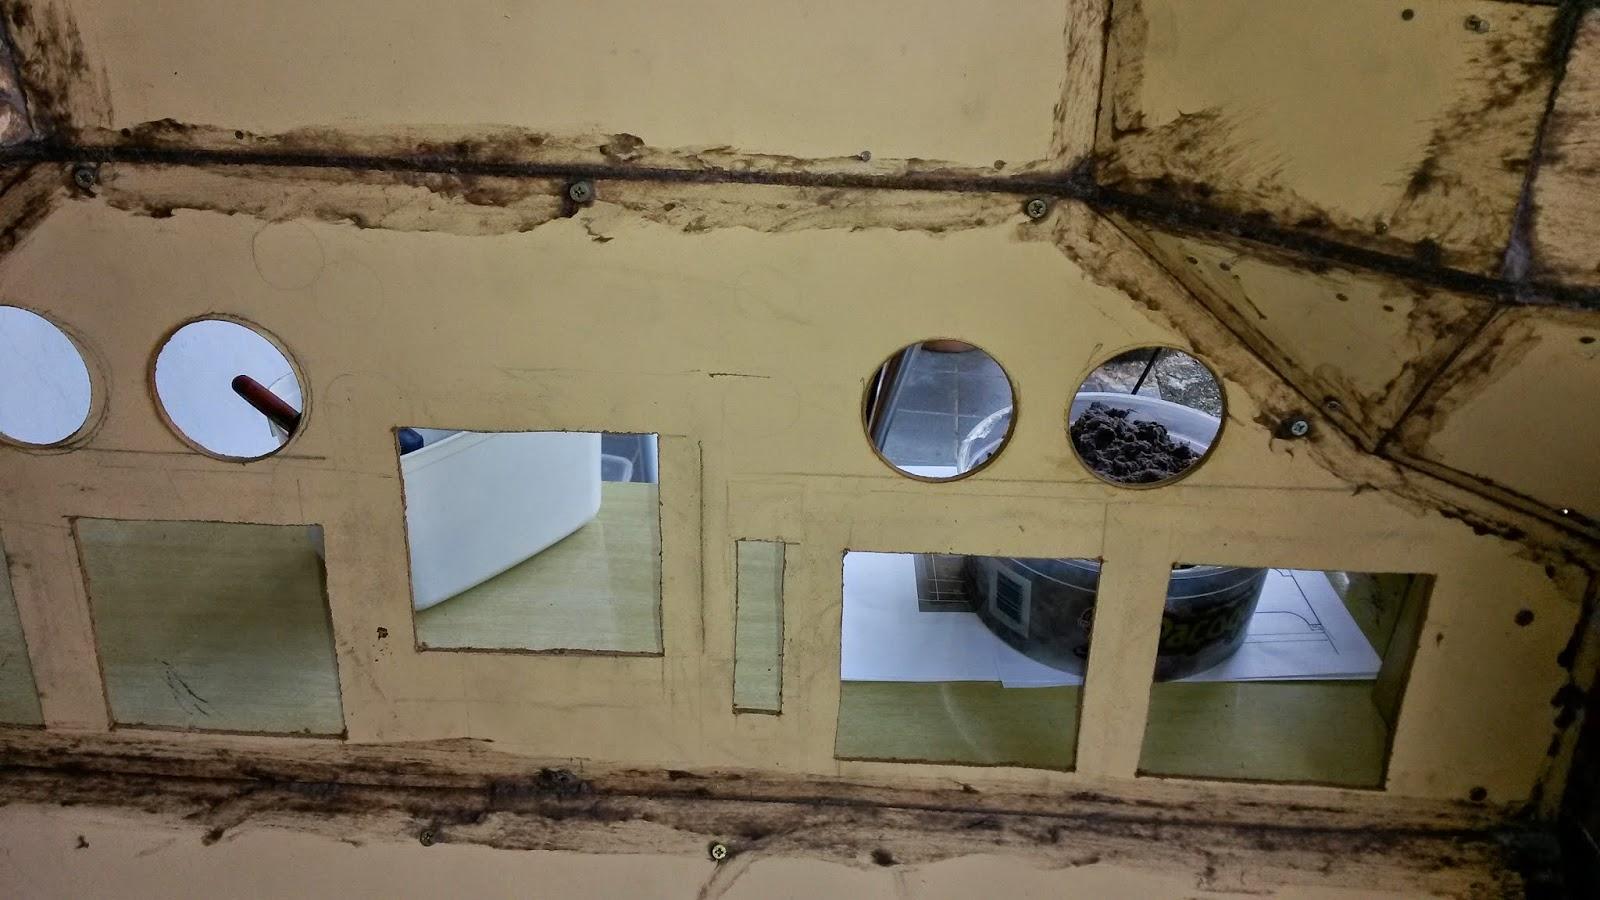 criacao painel fsx caseiro - Página 2 20150429_145928